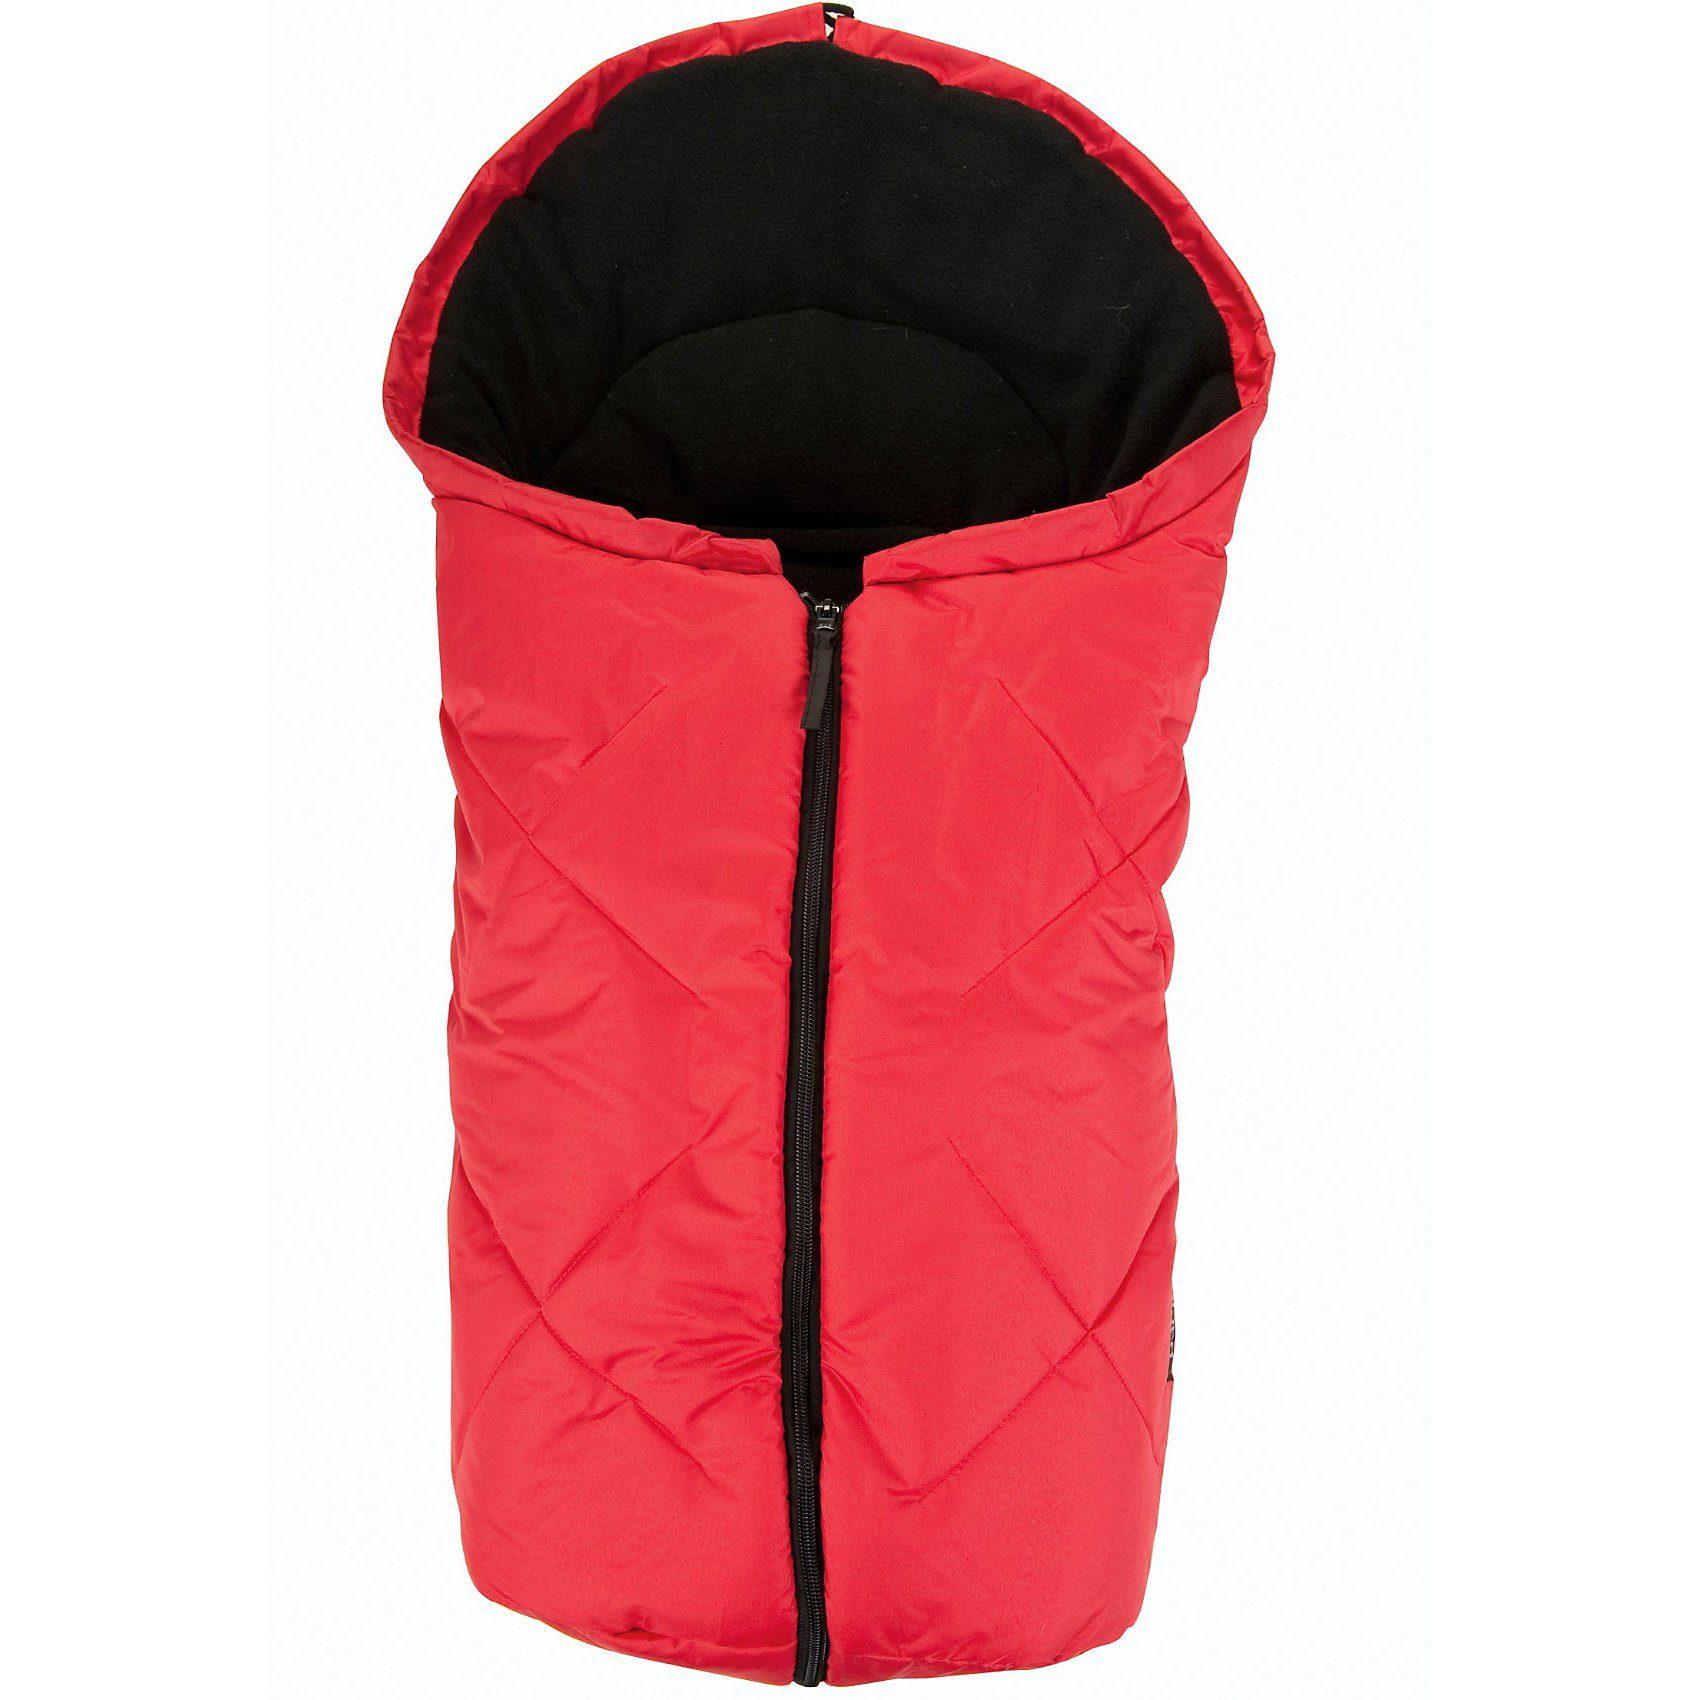 Kaiser Fußsack Kuschelsäckchen für Babyschale , rot